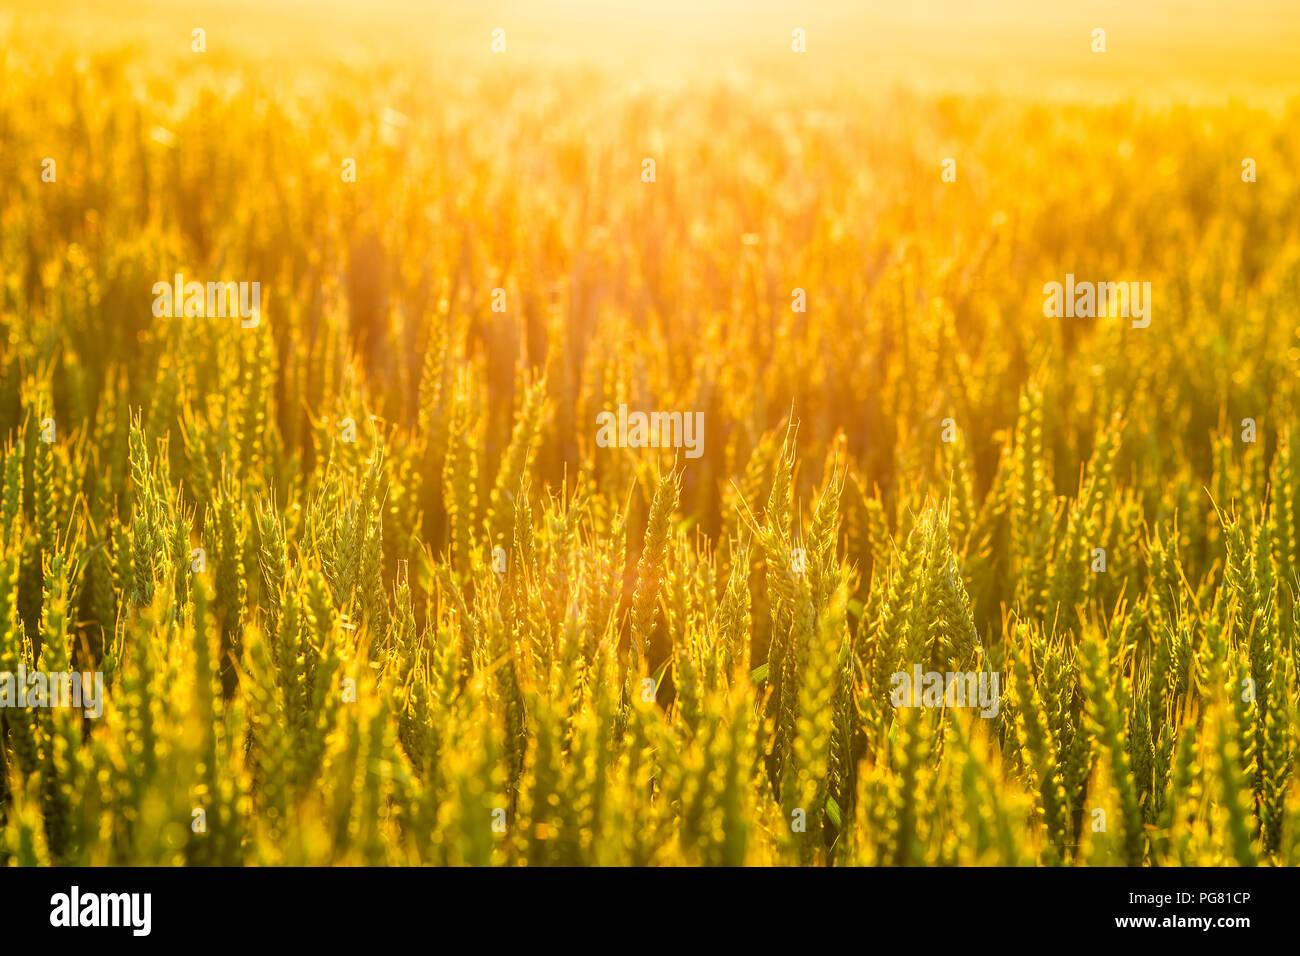 Großbritannien, Schottland, East Lothian, Sonnenuntergang am Ende eines heißen Tages leuchtet durch ein Feld von Weizen (Triticum) Stockbild